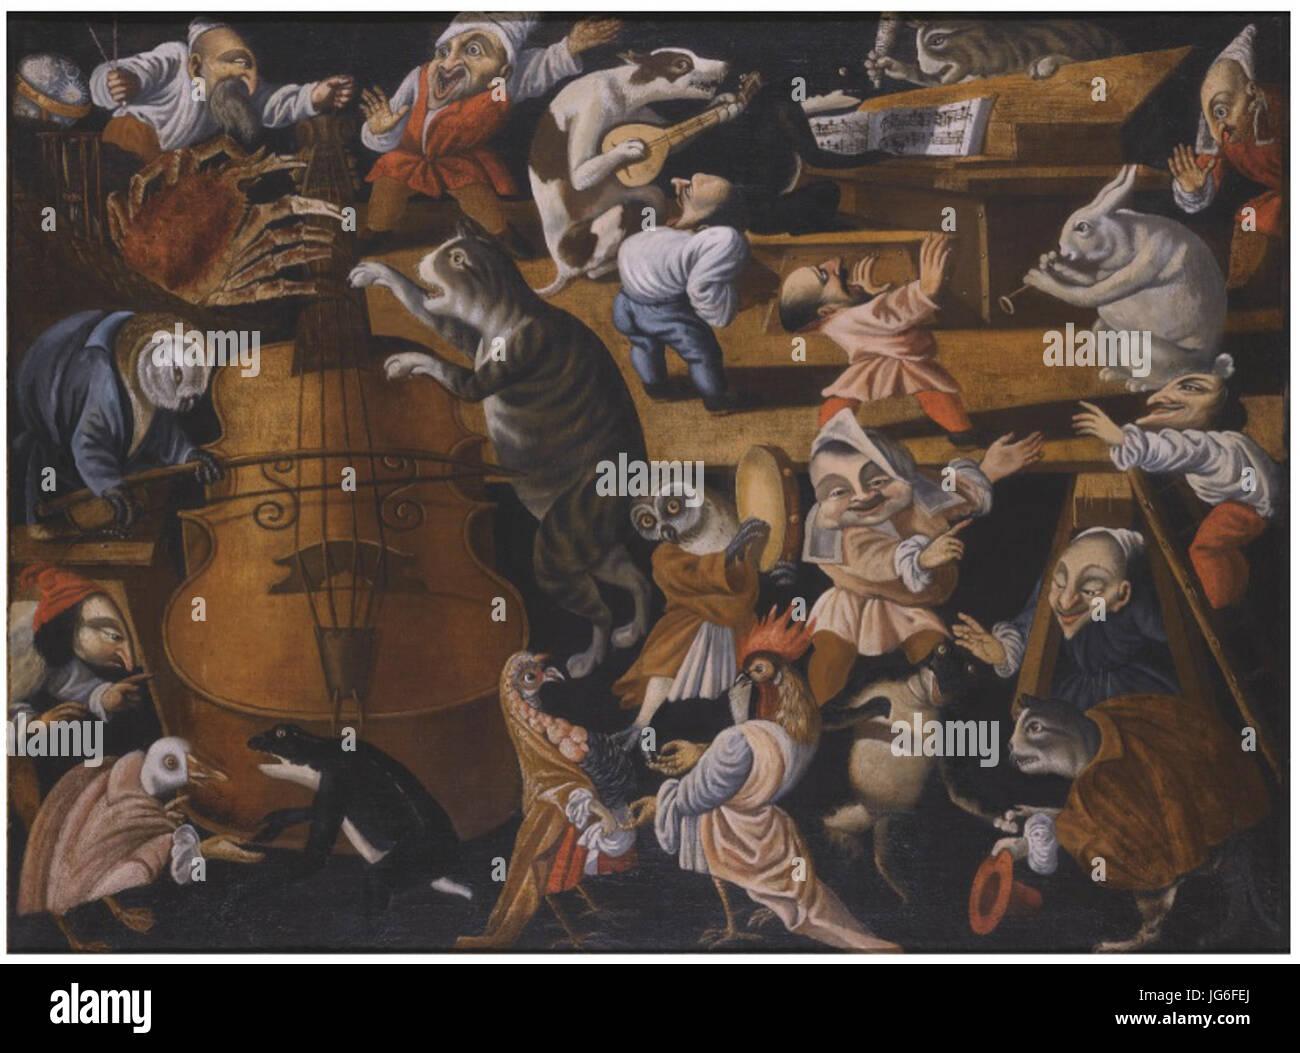 Maestro della Fertilità dell'Uovo - A concert of animals, birds and stylised figures - Stock Image